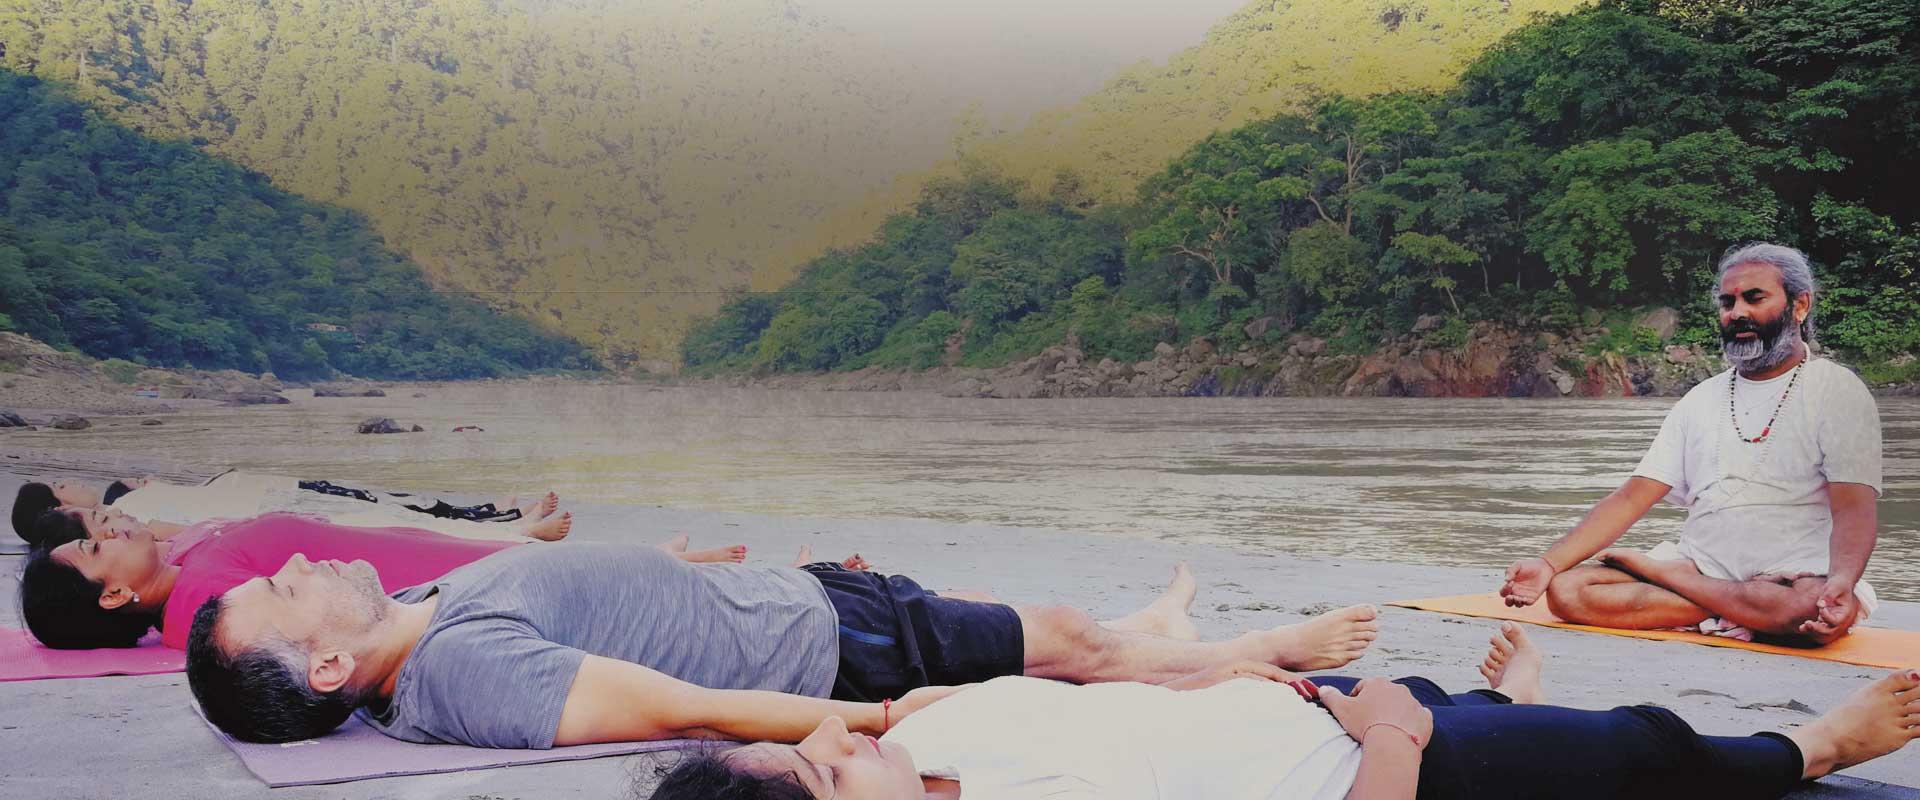 yoga-ttc-in-rishikesh.jpg